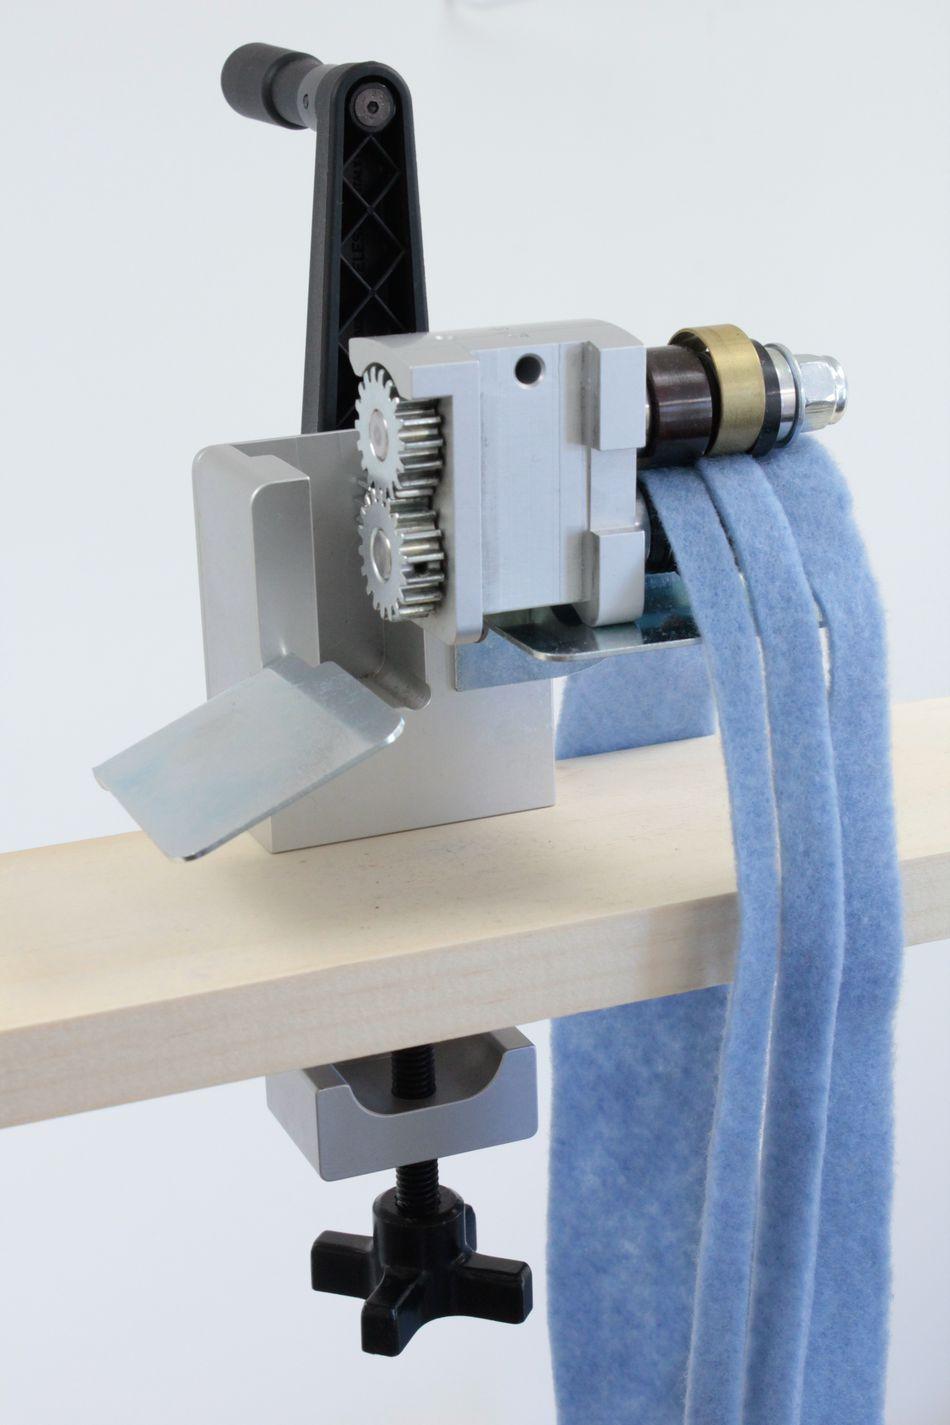 wool cutter machine